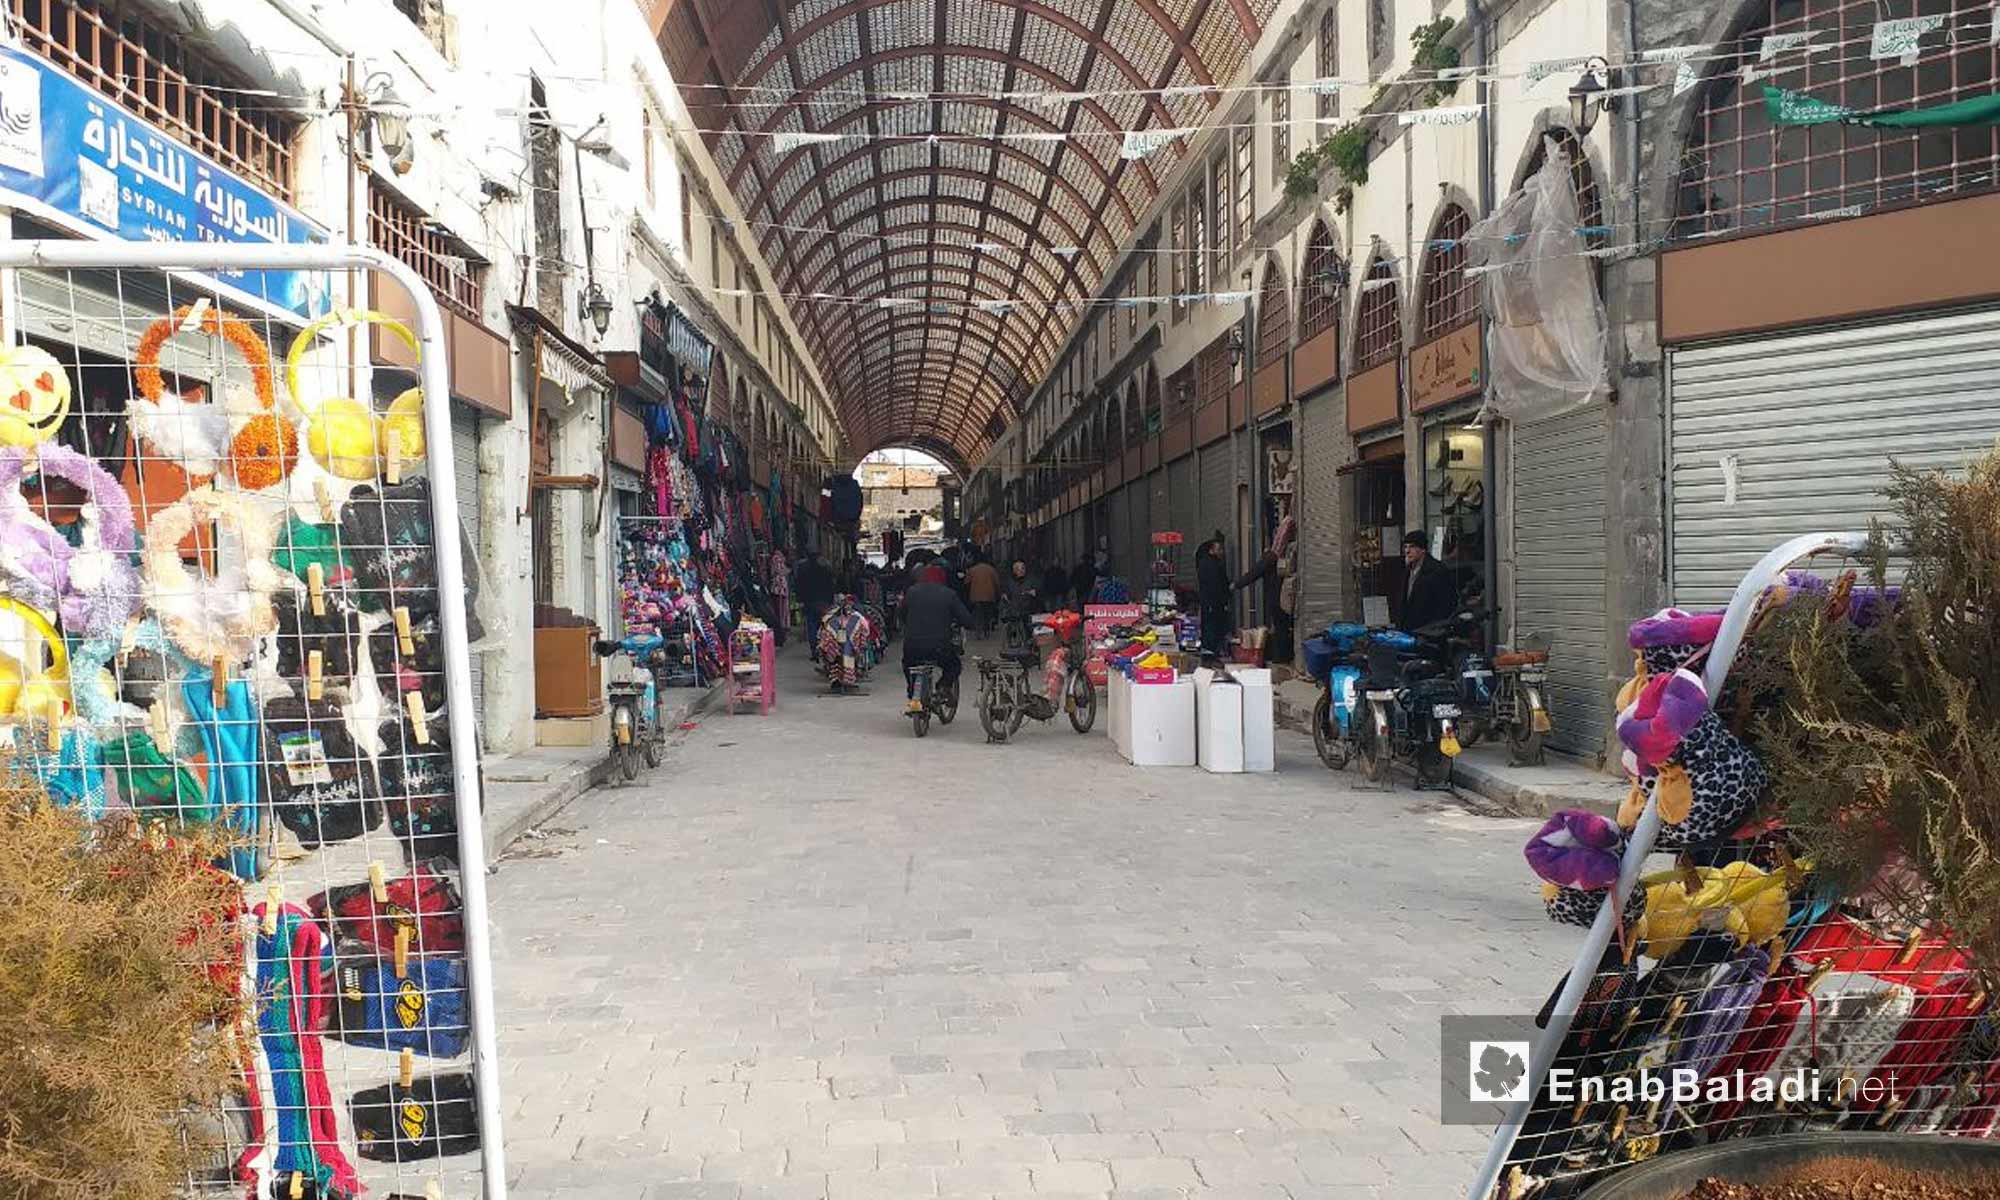 سوق المقبي في أحياء مدينة حمص القديمة - 24 من كانون الثاني 2019 (عنب بلدي)